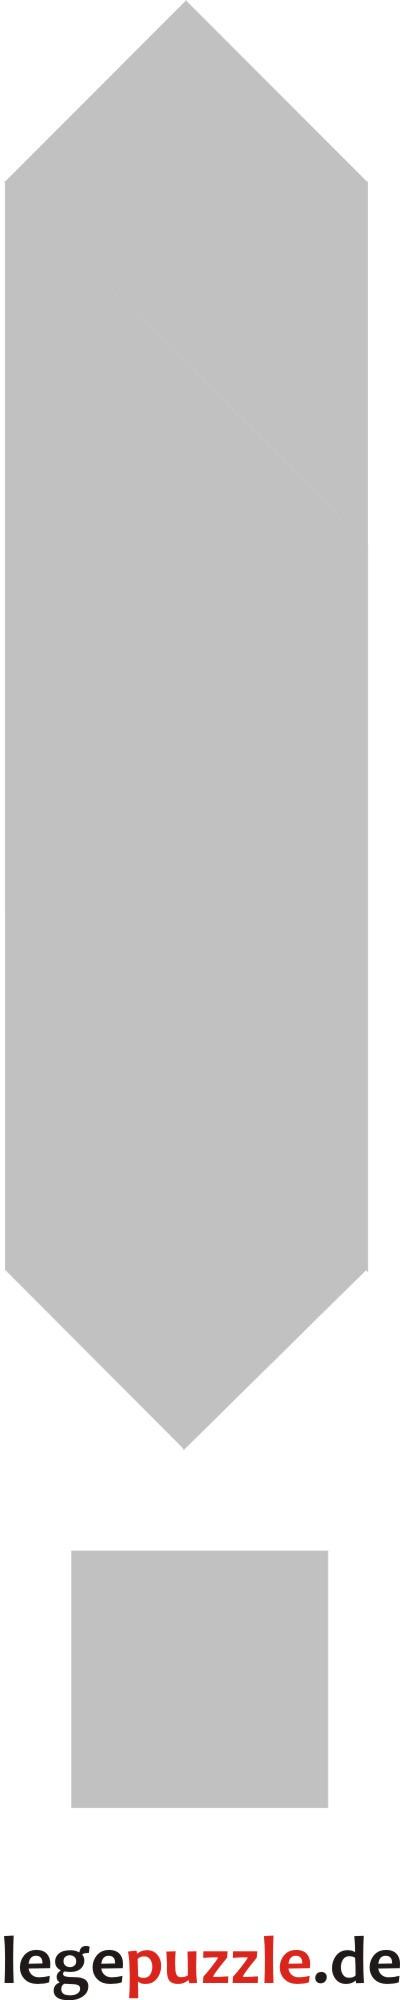 Tangram Vorlagen Verschiedenes innen Tangram Vorlagen